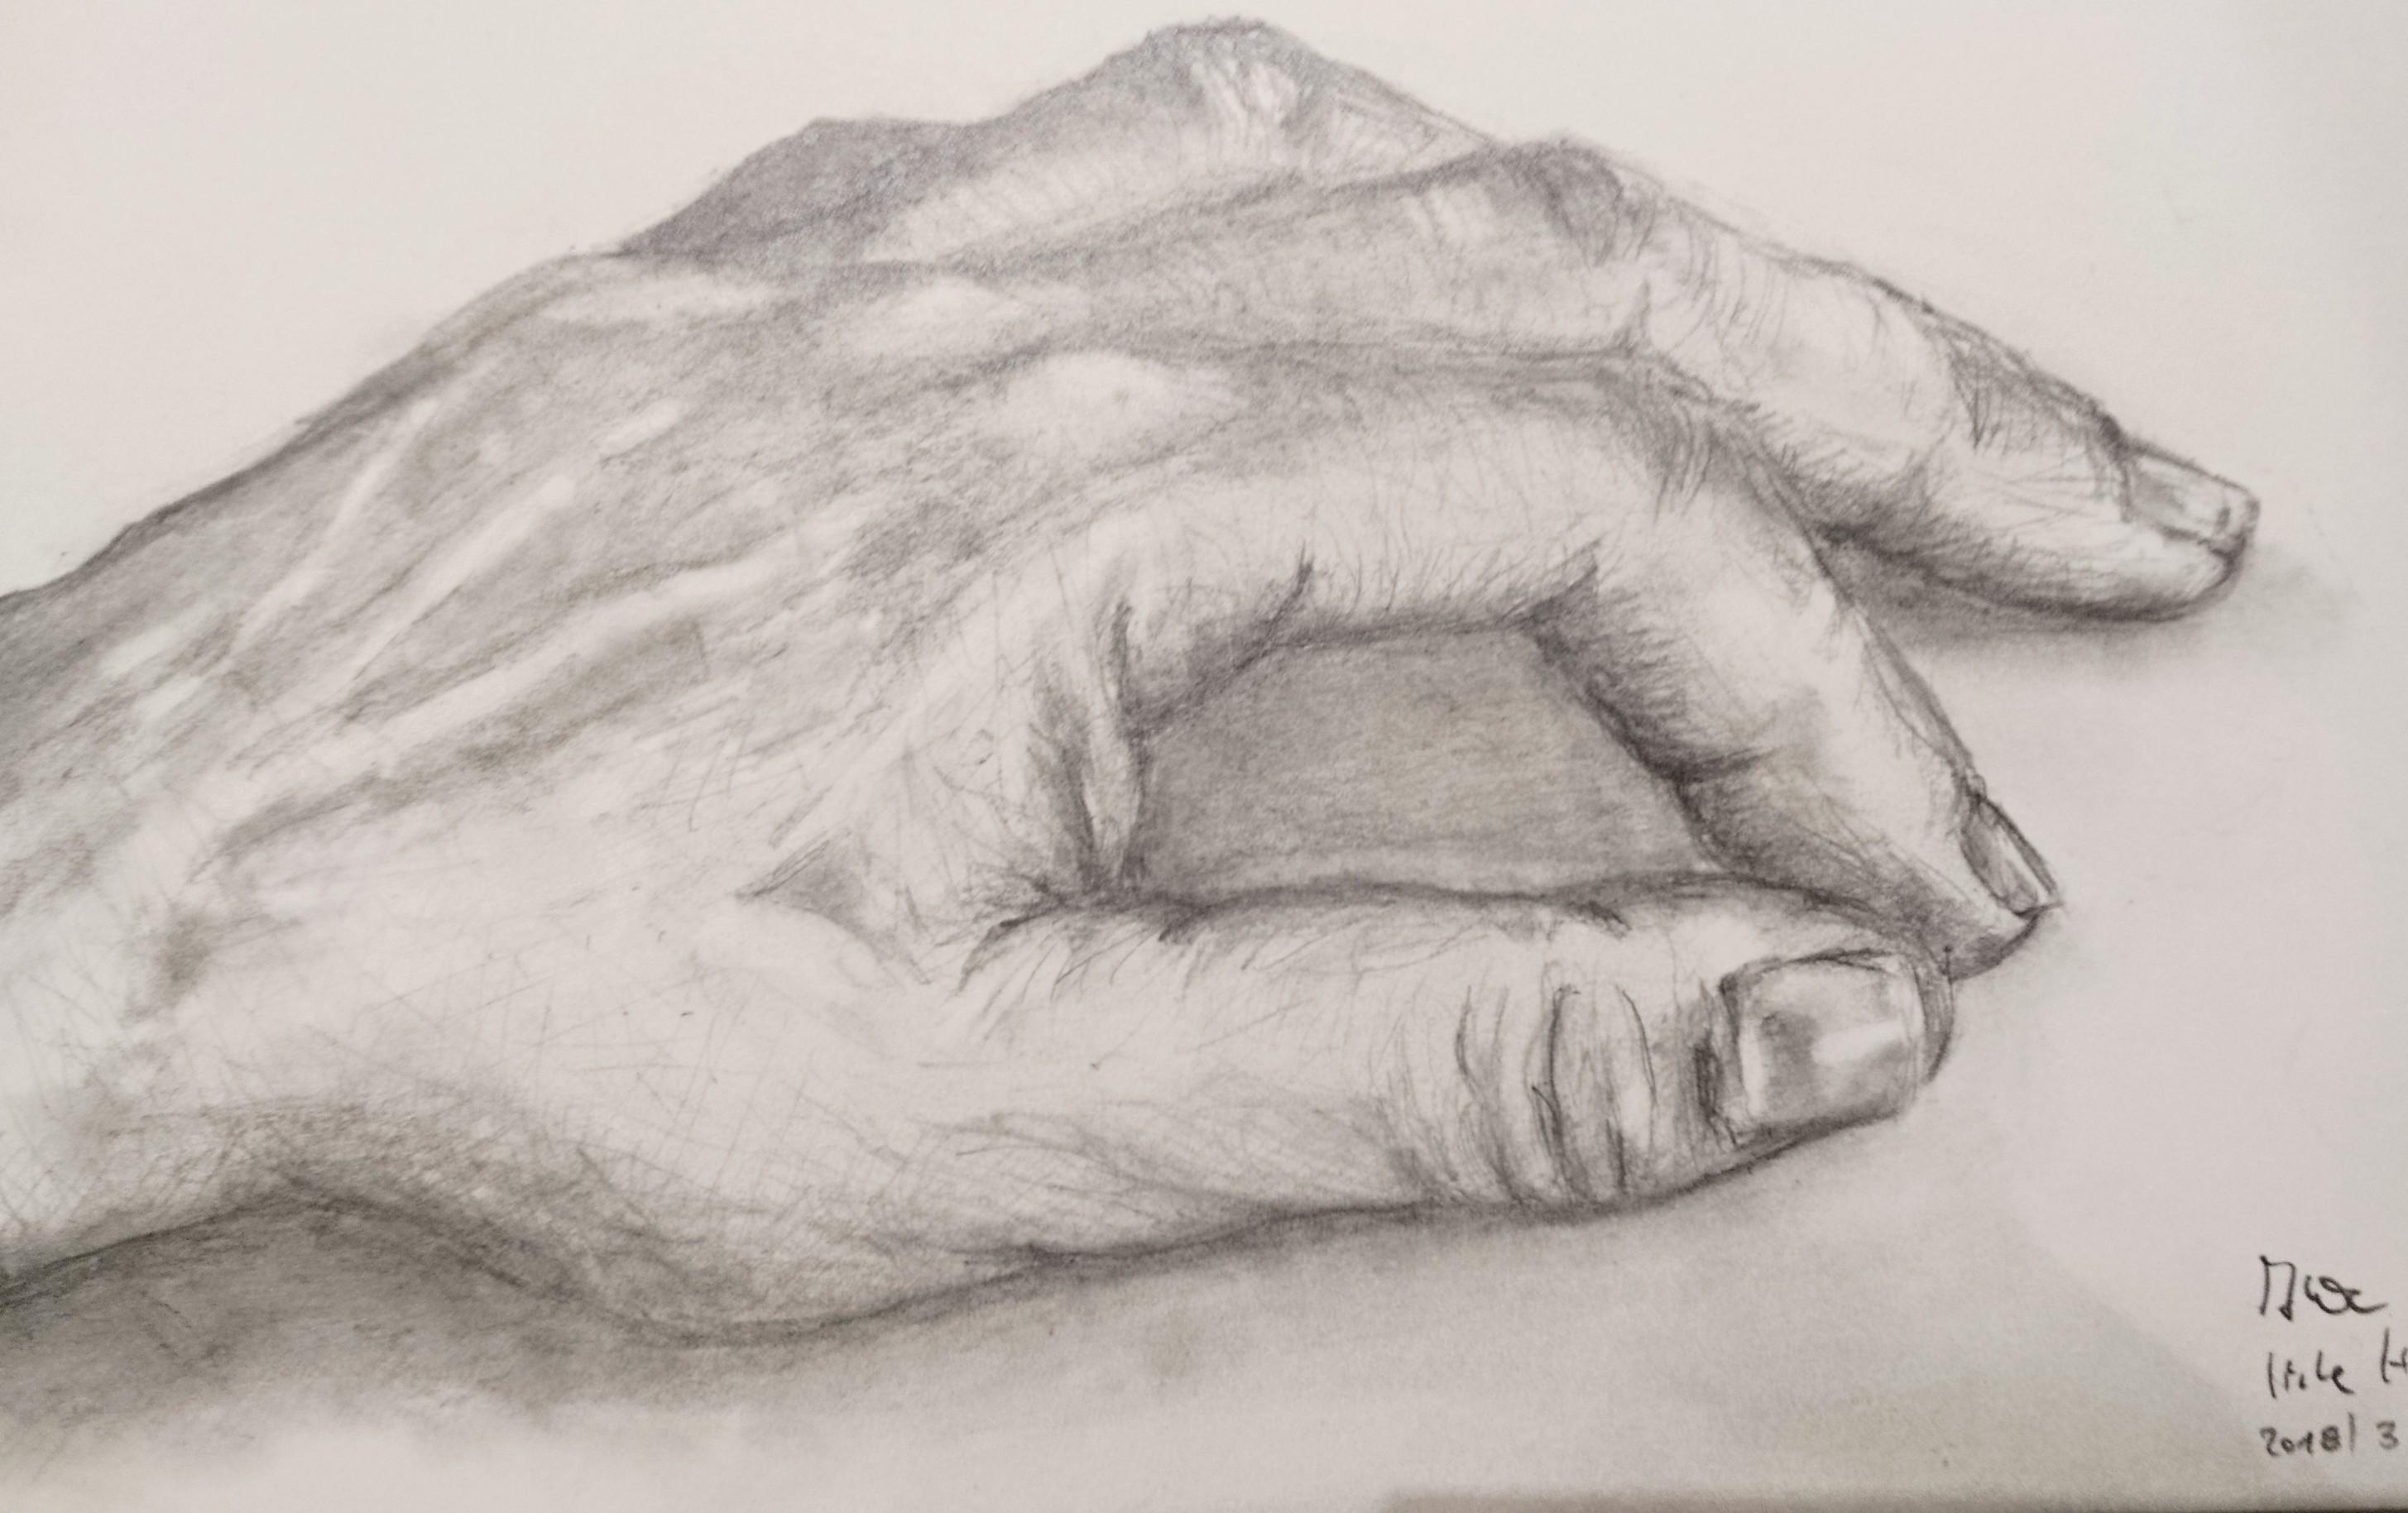 Handstudie, Graphit A6, März 2018